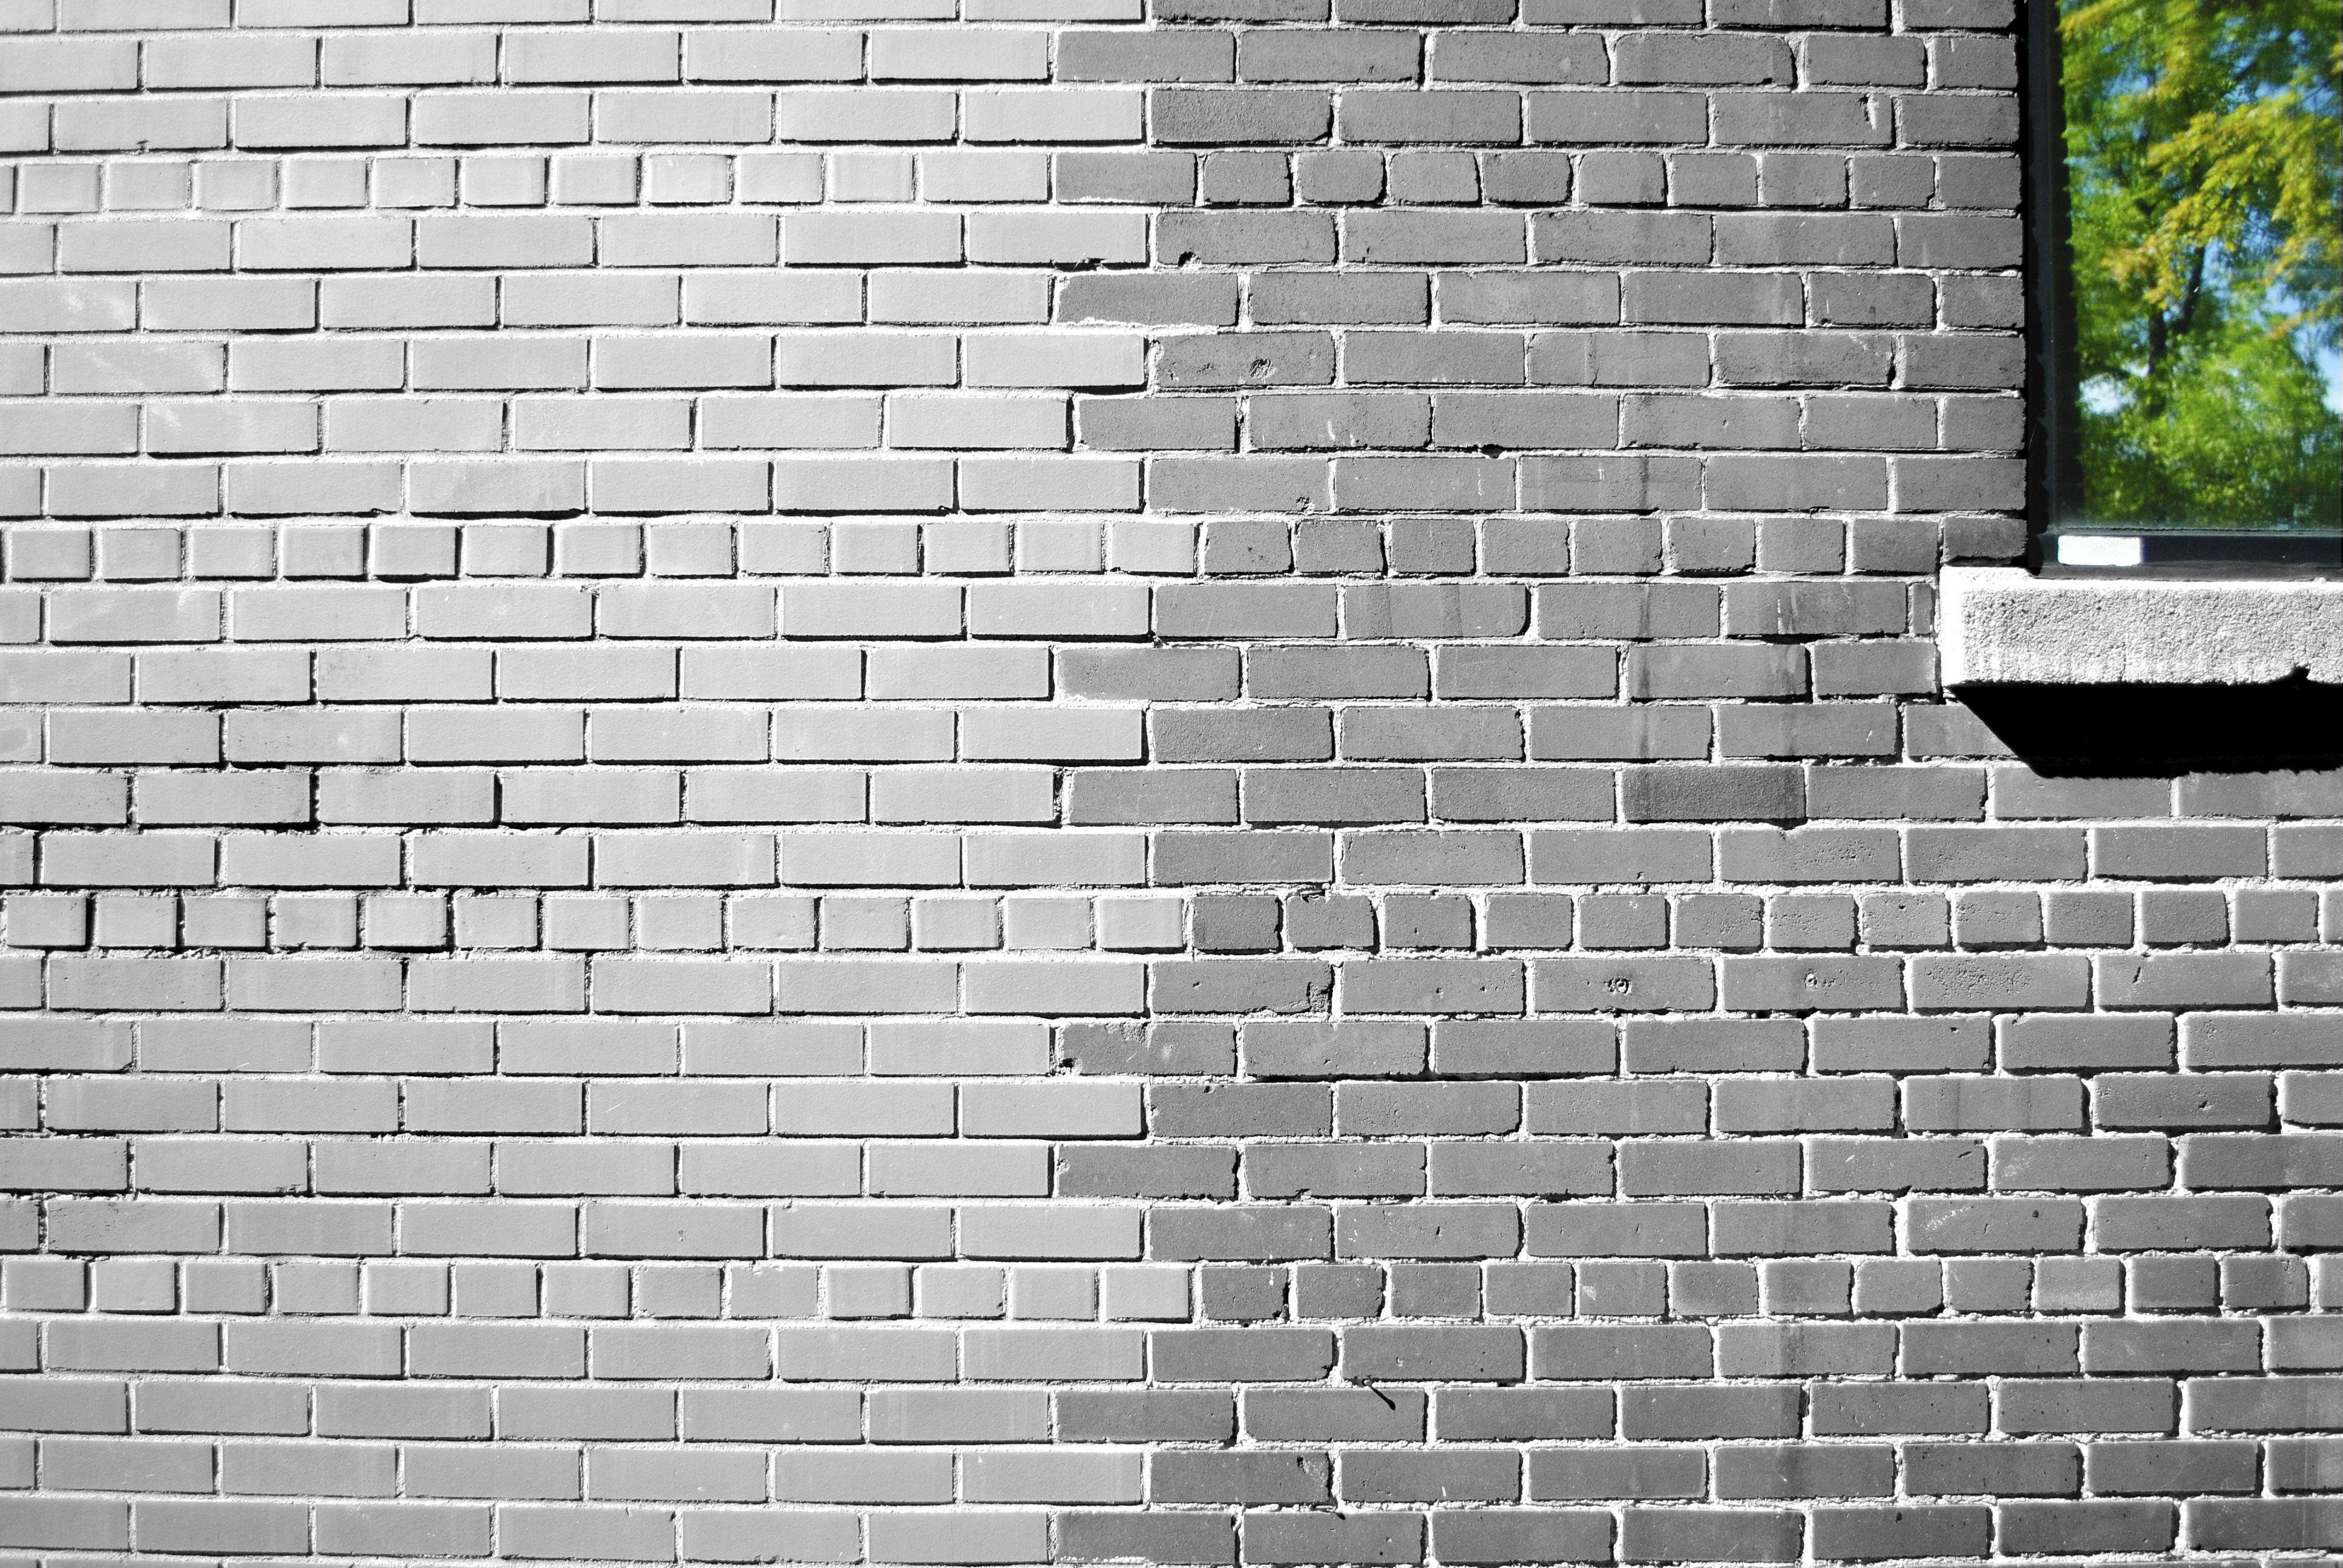 Mur Vers l'Extérieur